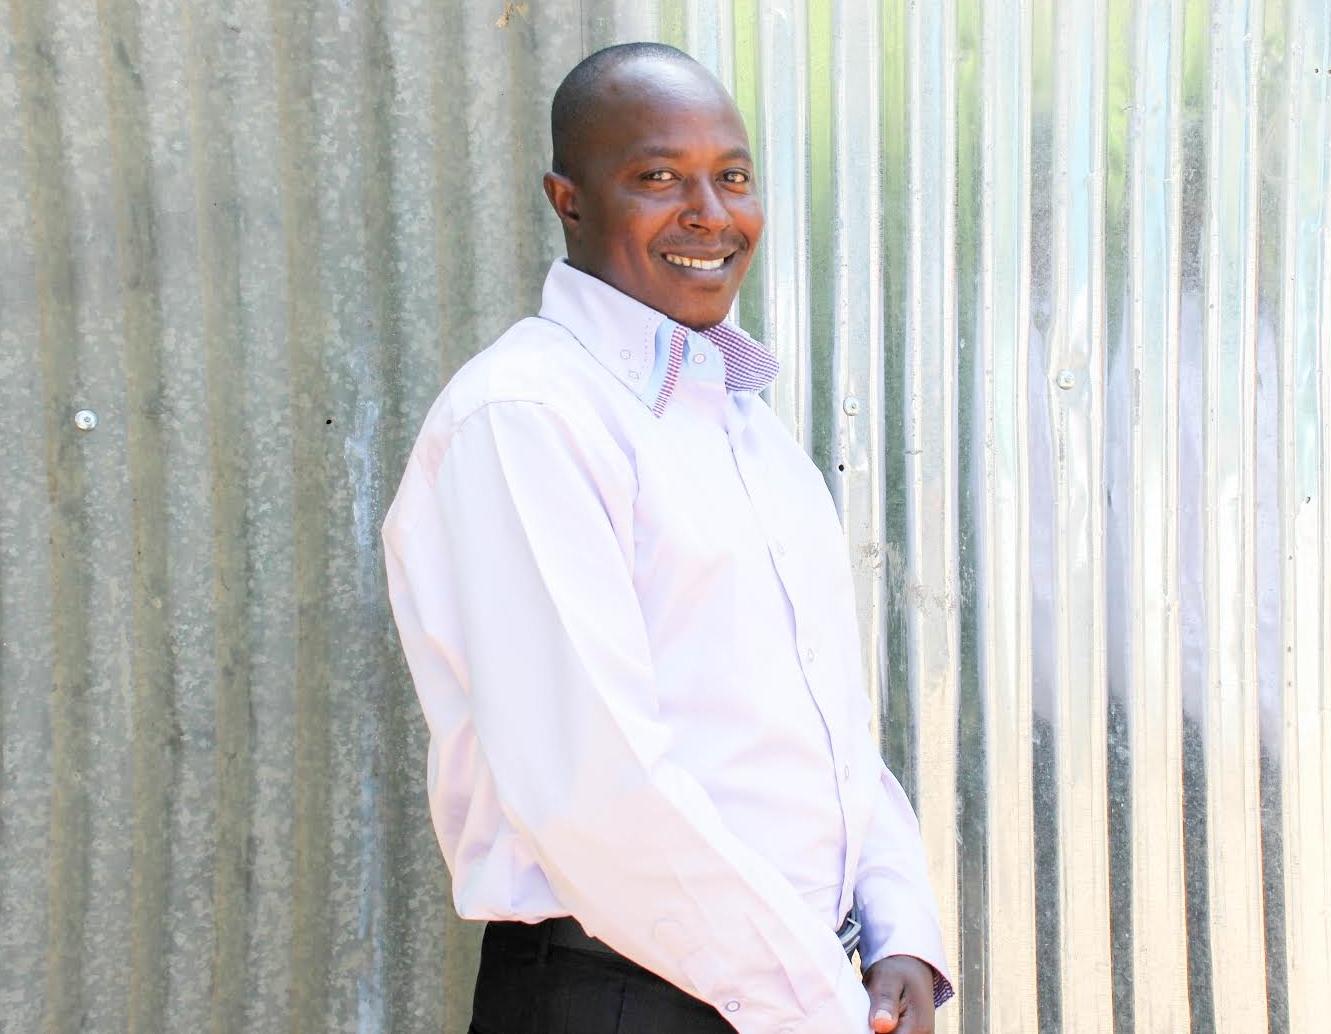 EricK Mkenya, Spiritual Counselor